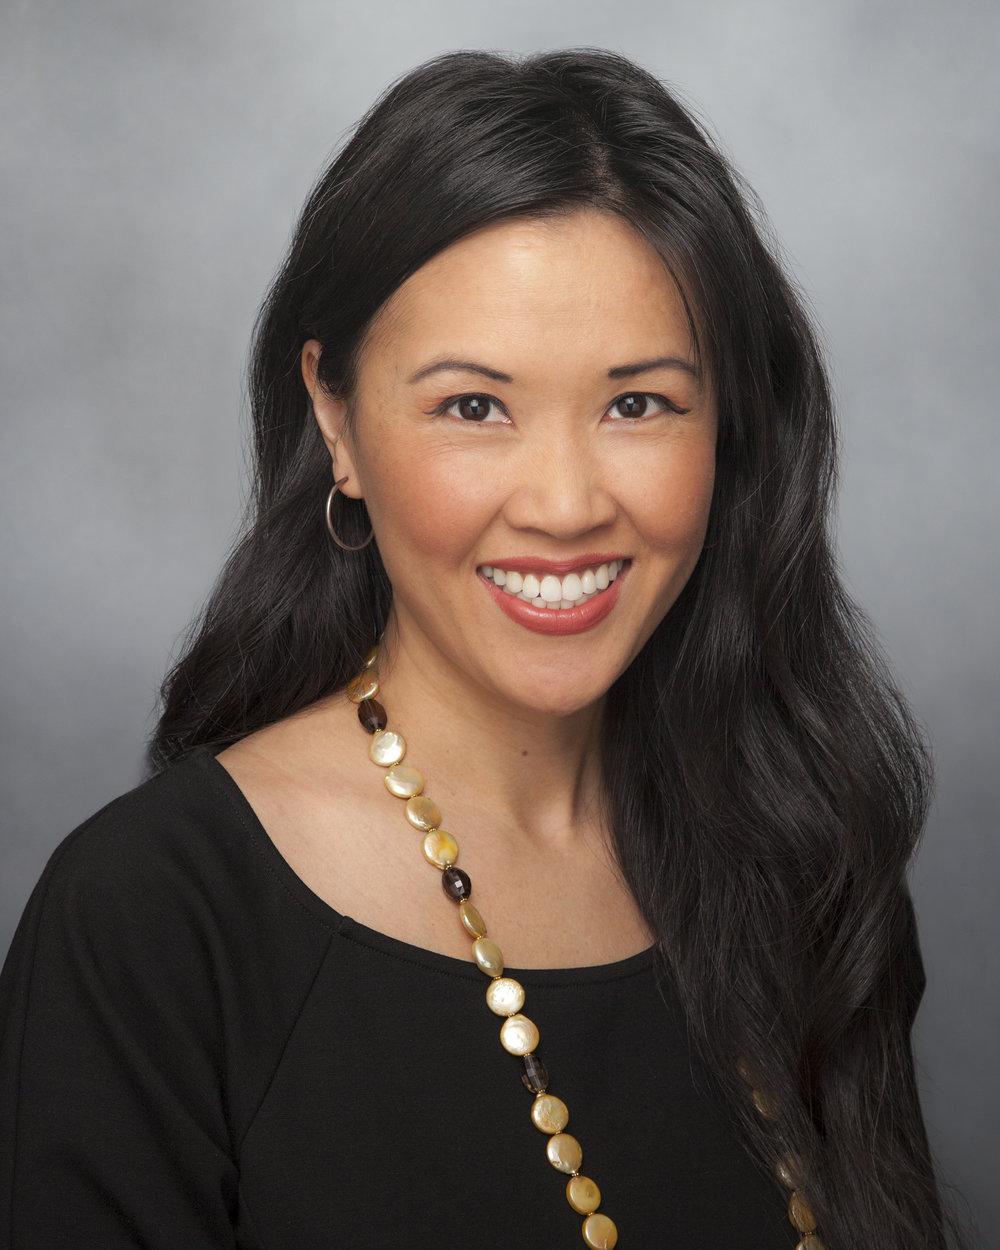 2017 SBCSC Scholarship Award Banquet Keynote Speaker: Rita Ng, MD, Chief of Cardiology at Kaiser Permanente, Oakland & Richmond